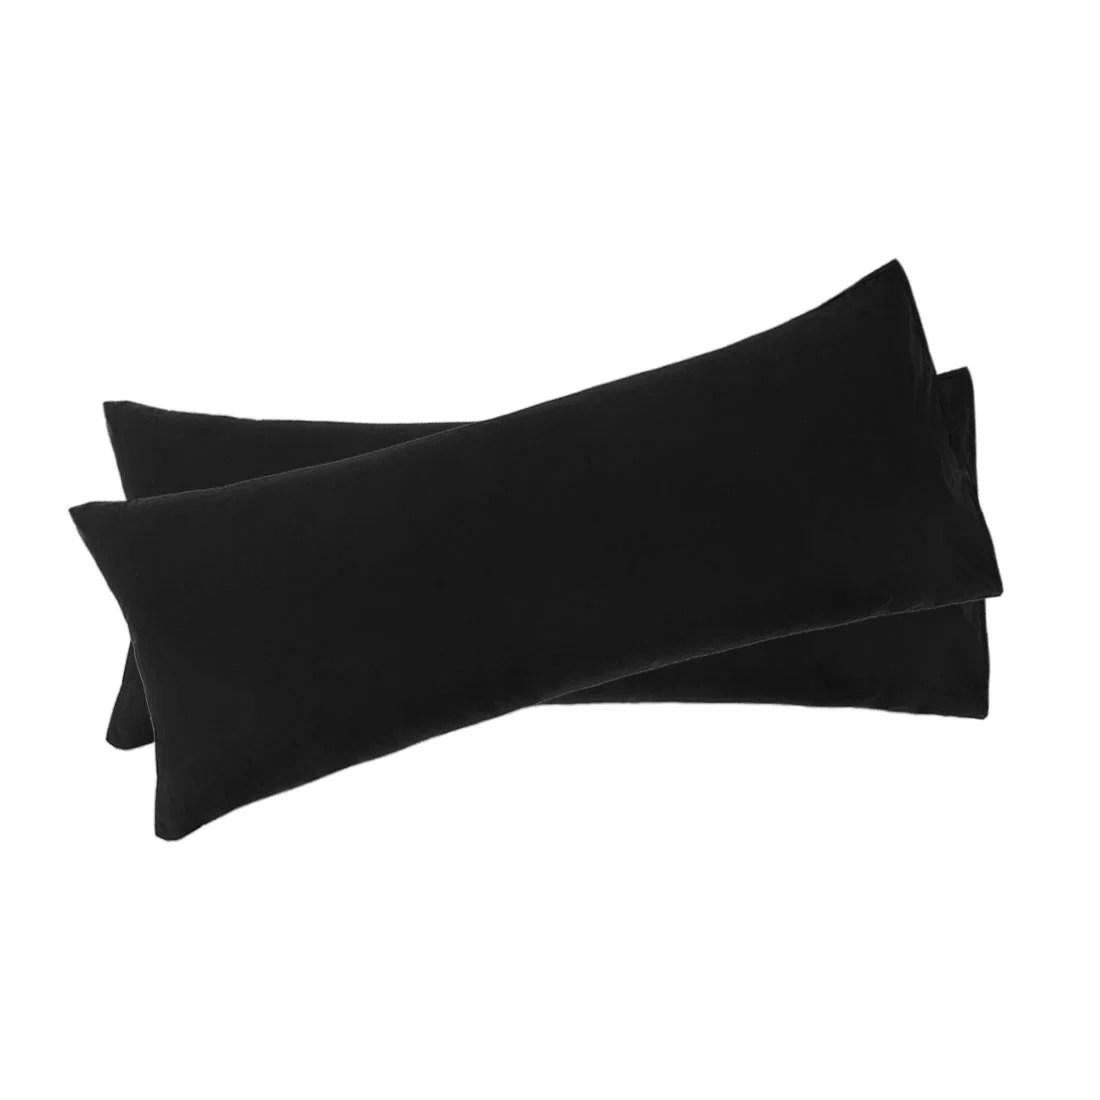 unique bargains 2 pack microfiber body pillow cases black 20 x 48